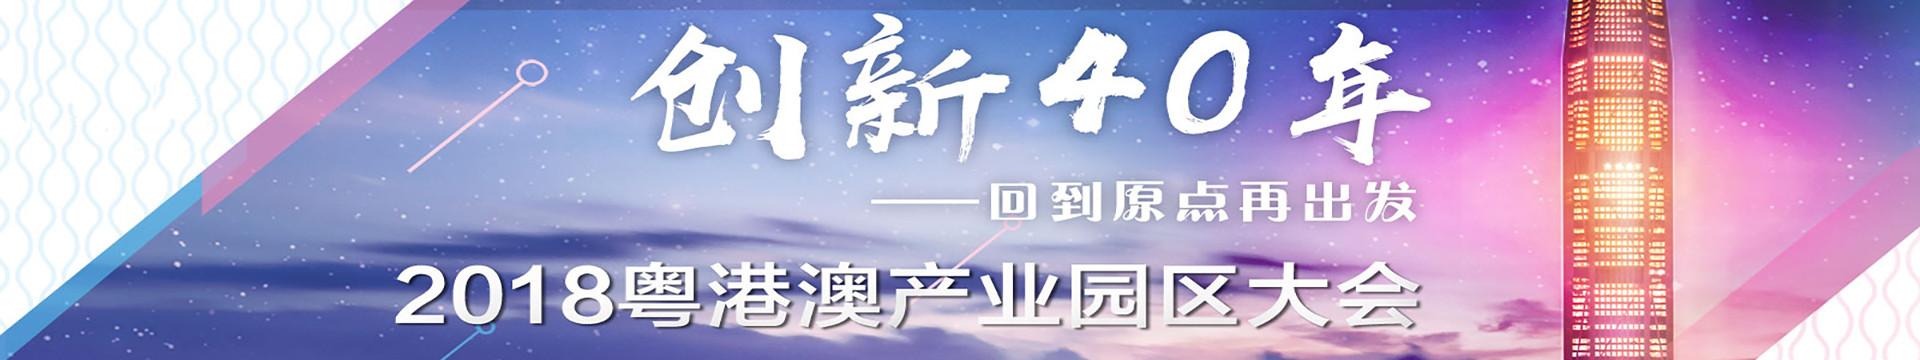 2018粤港澳产业园区大会